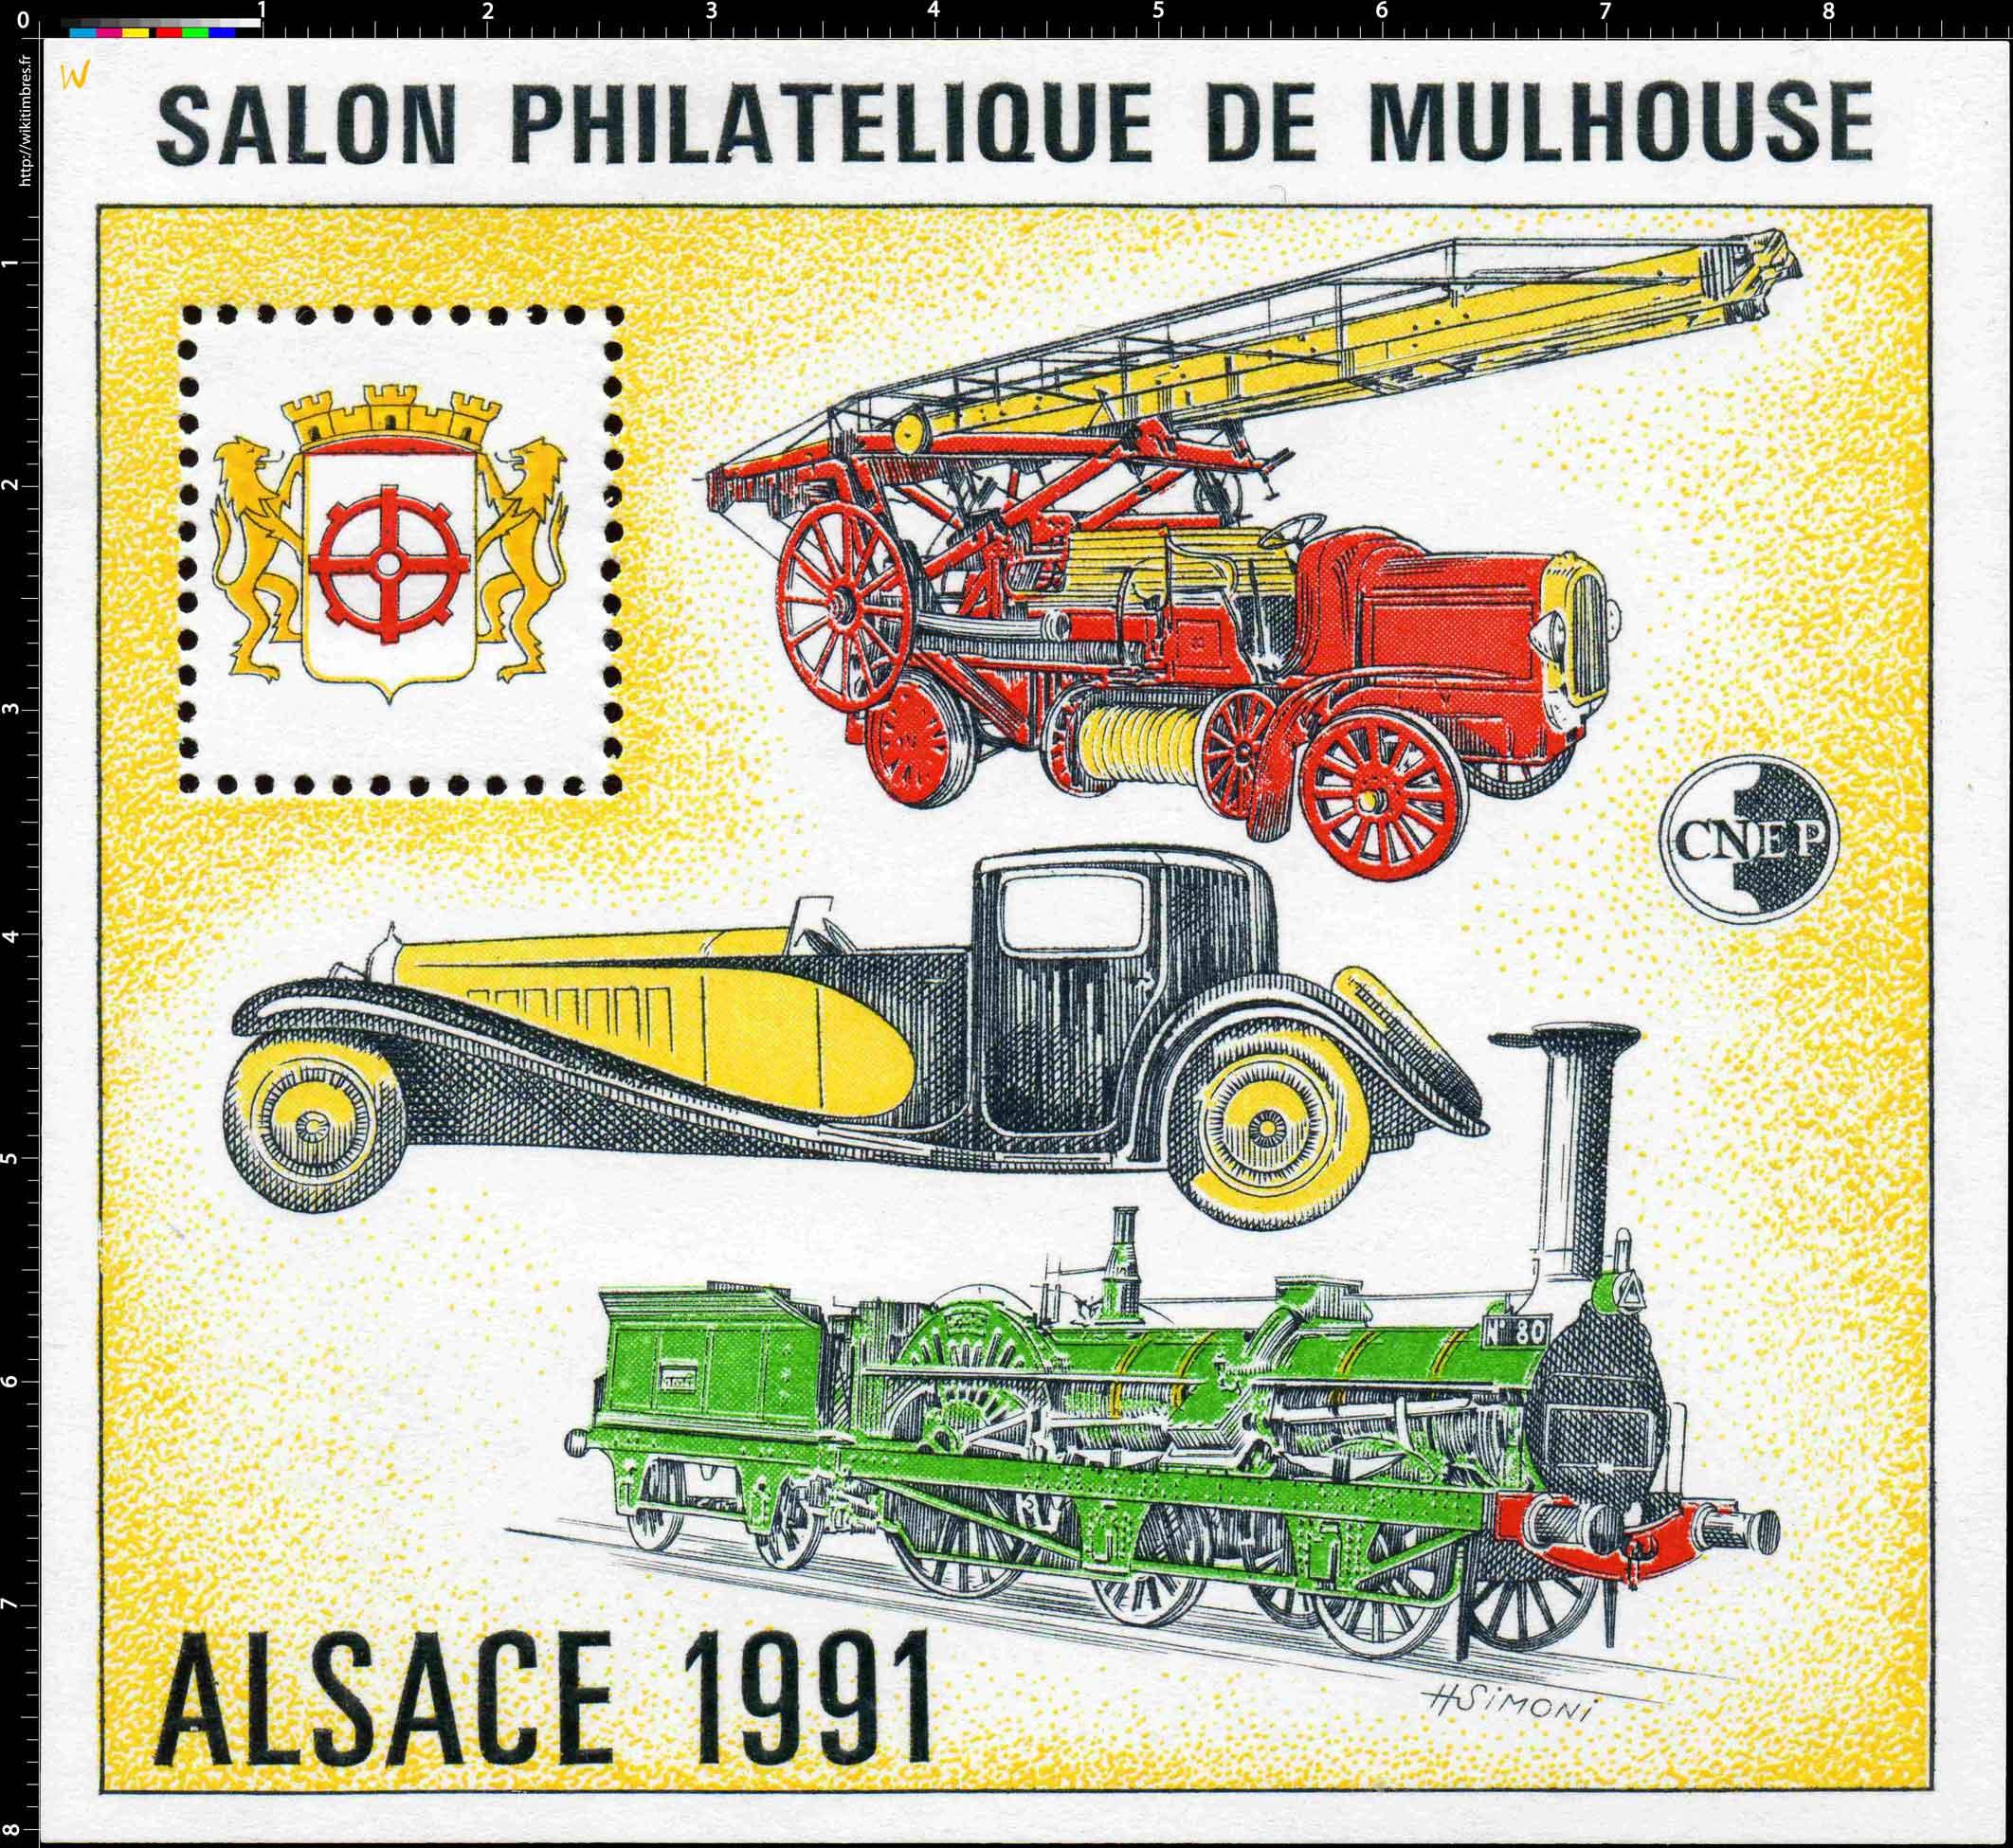 1991 Alsace Salon philatélique de Mulhouse CNEP